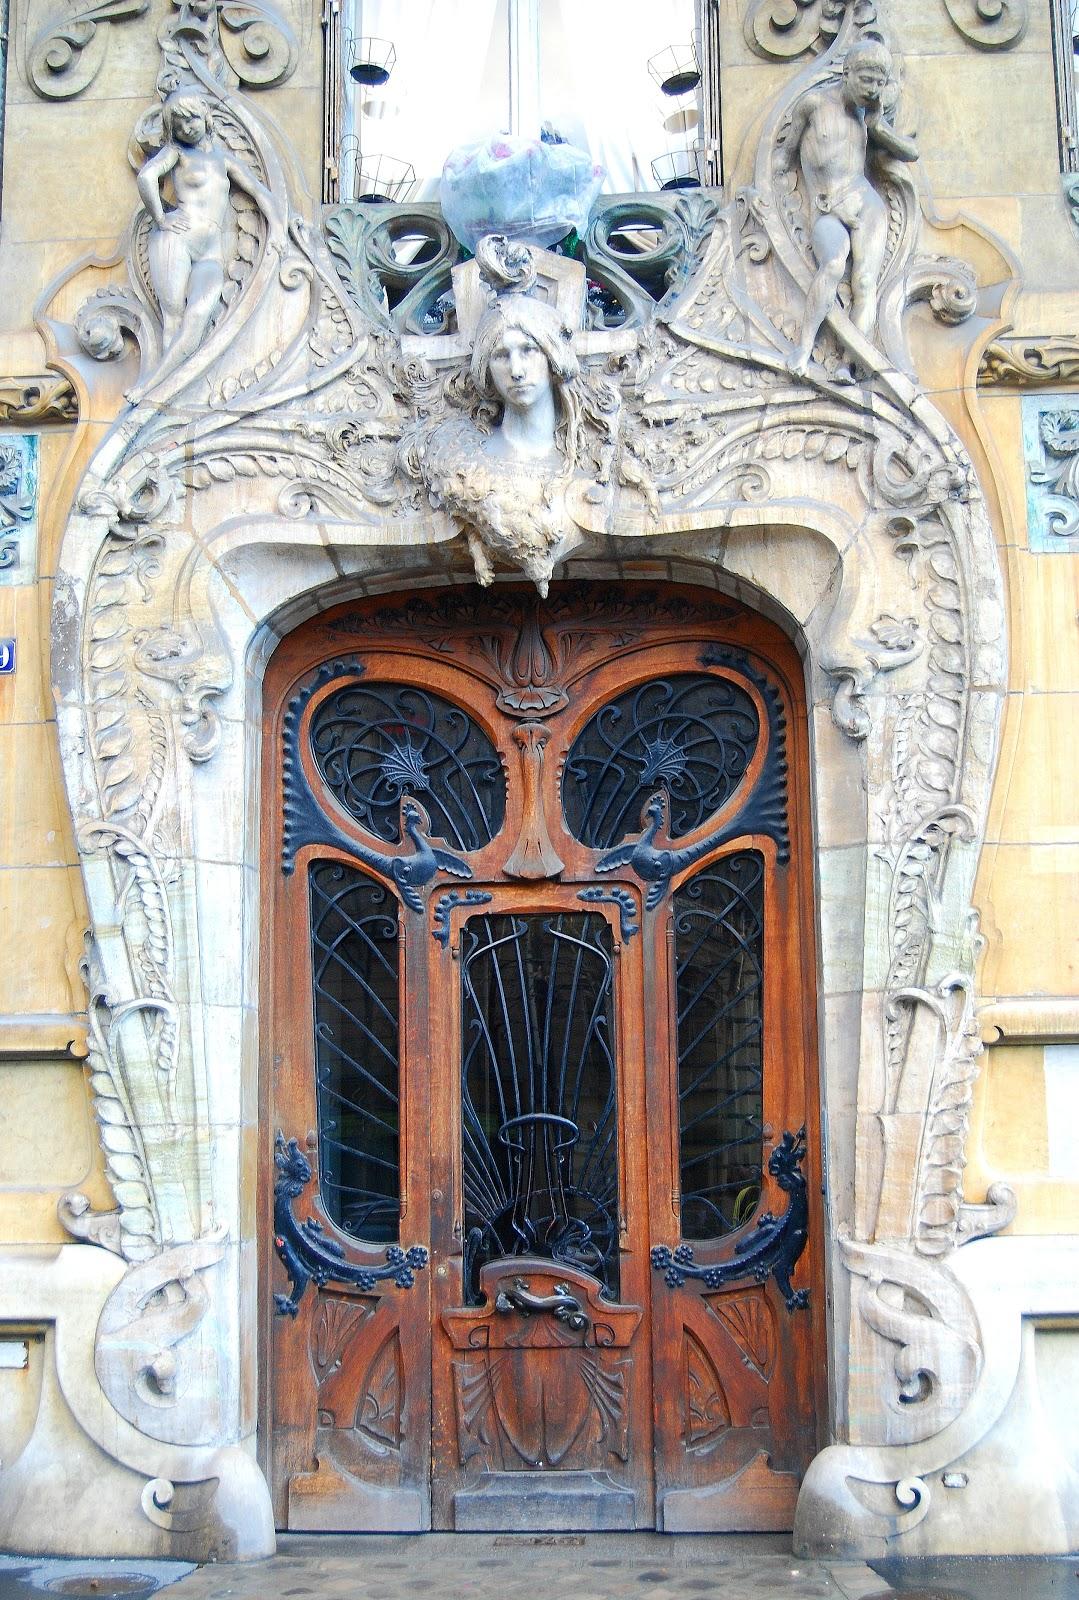 La influencia de arte en el dise o moderno el art nouveau for Decoracion art nouveau